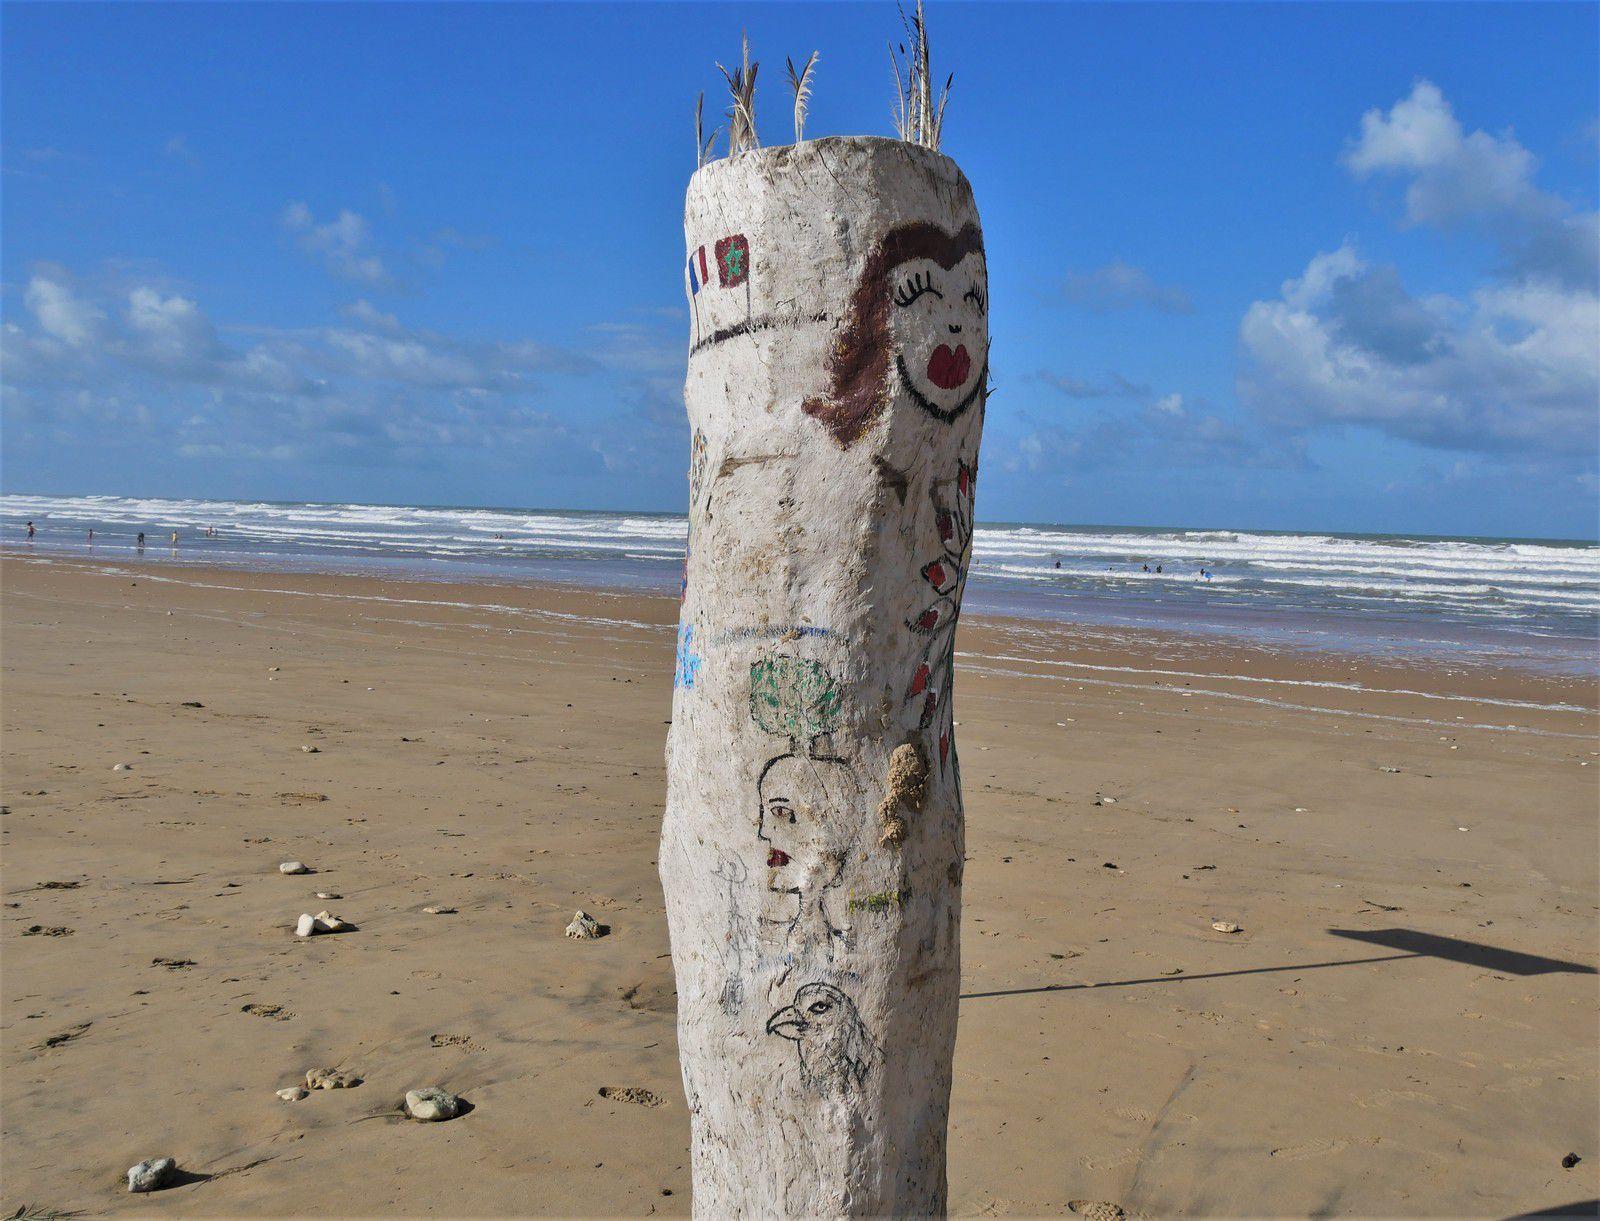 L'arbre totem de la plage de Grand-Village. Août 2020.